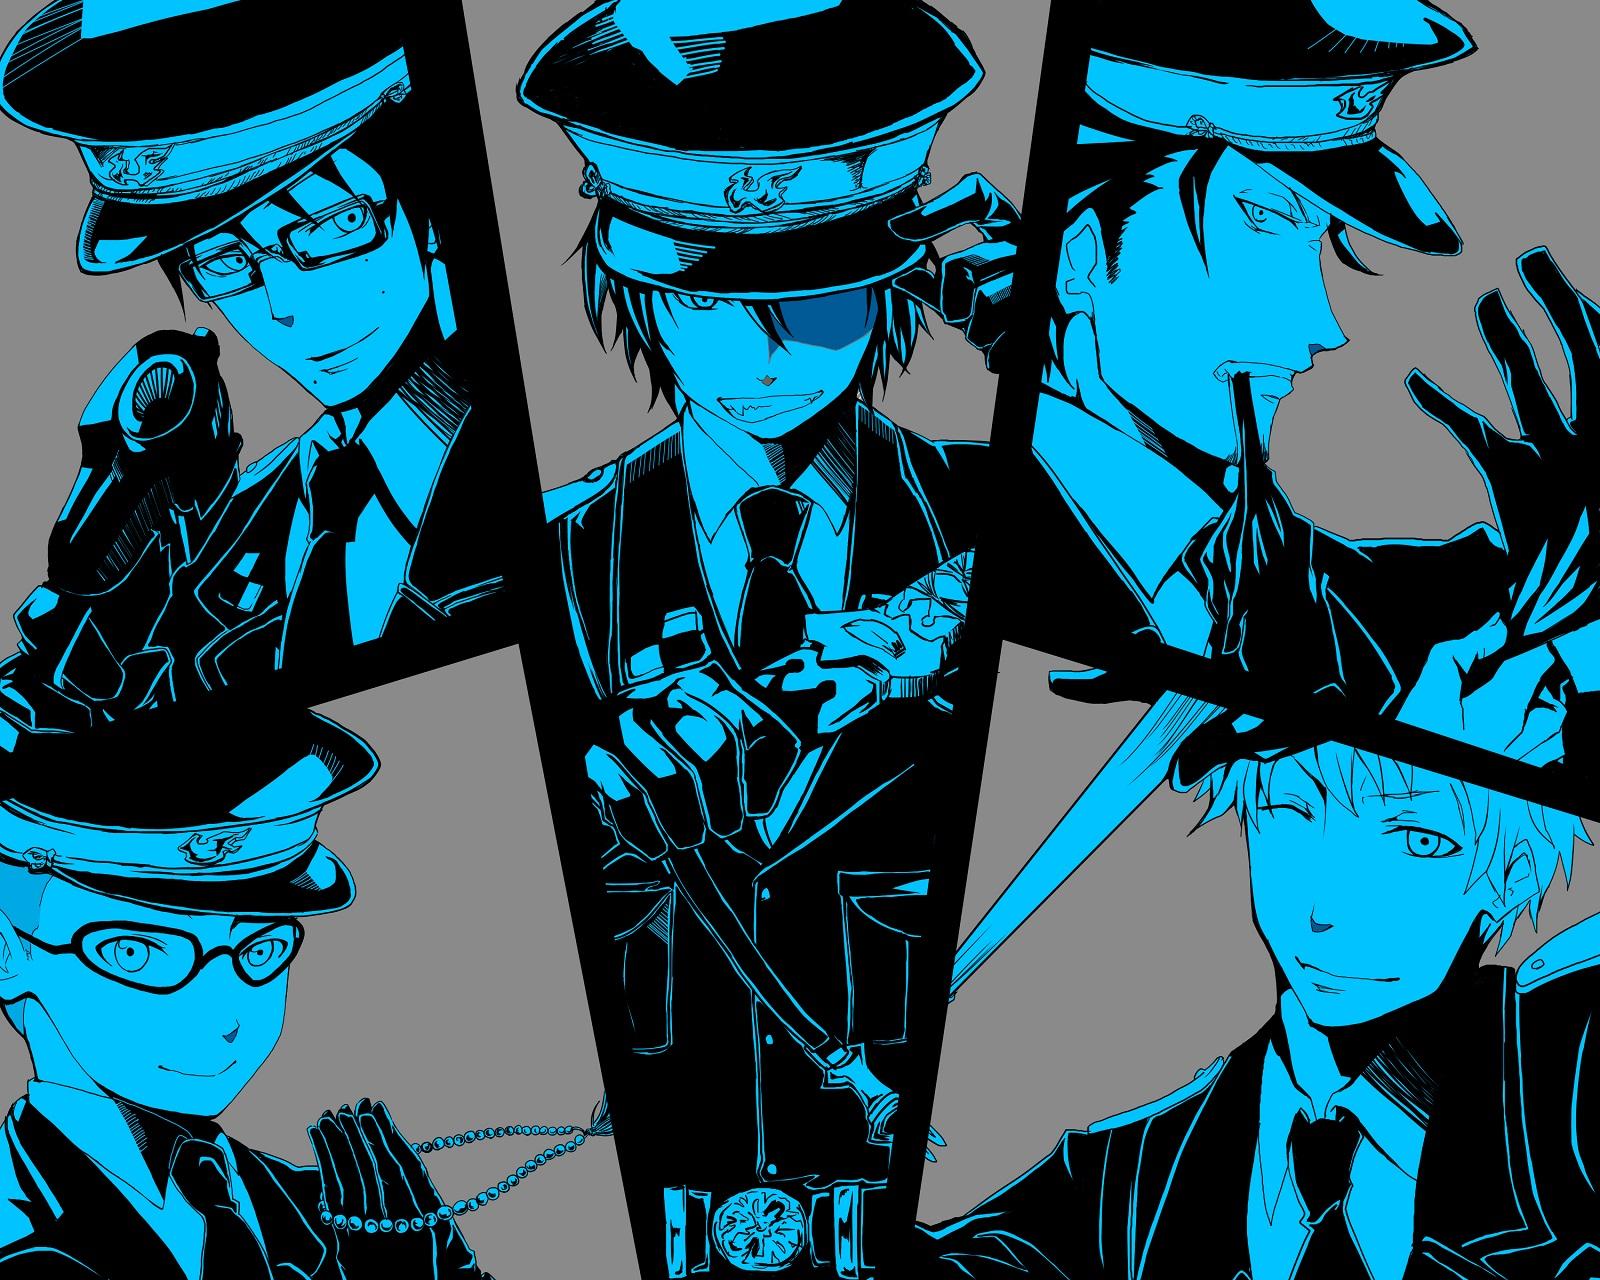 ao no exorcist (blue exorcist) - katou kazue - image #704109